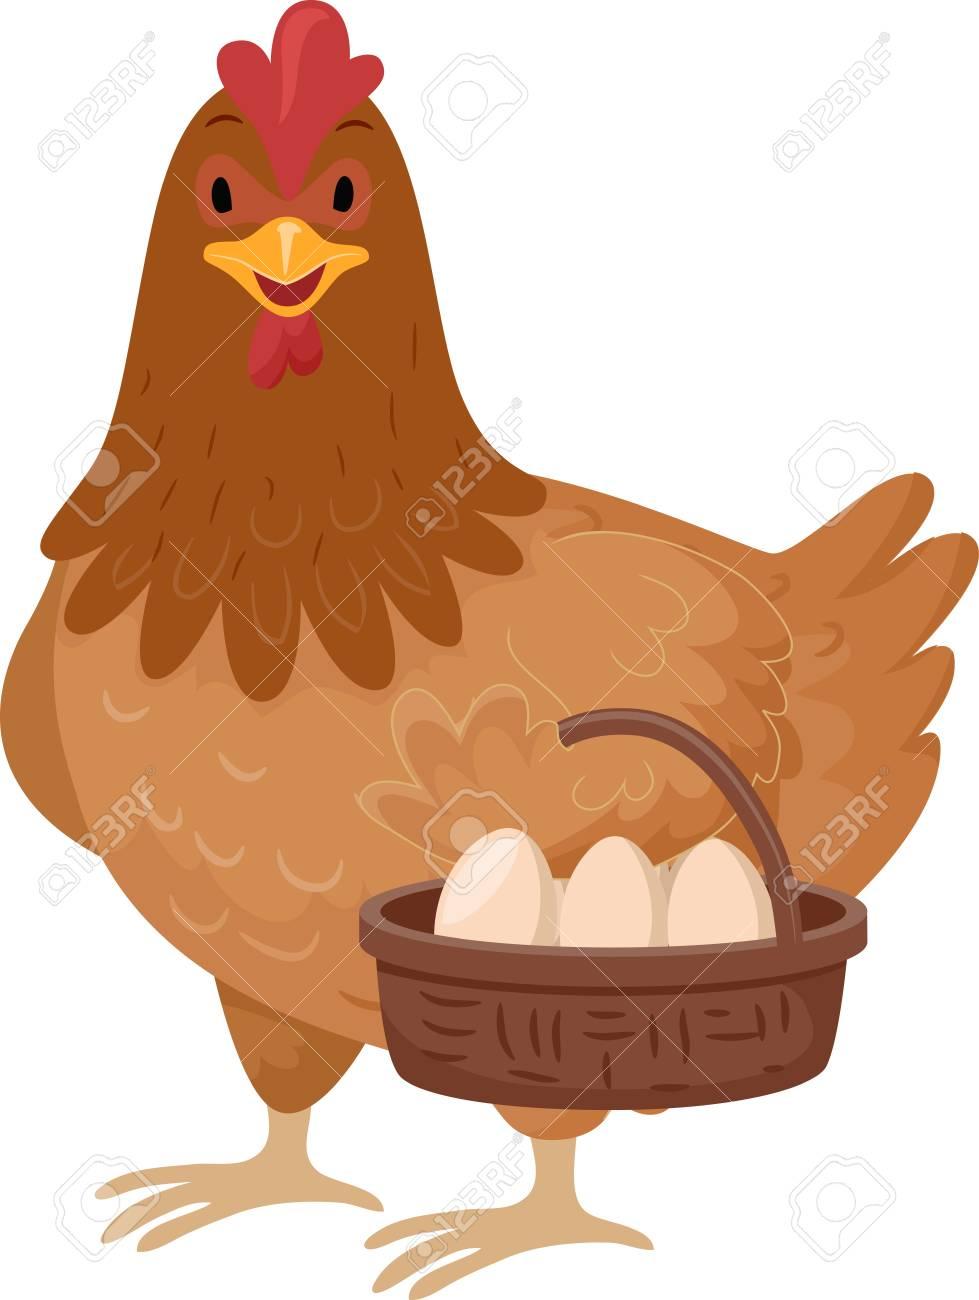 動物イラストのバスケットを運ぶかわいい茶色の鶏の卵の完全